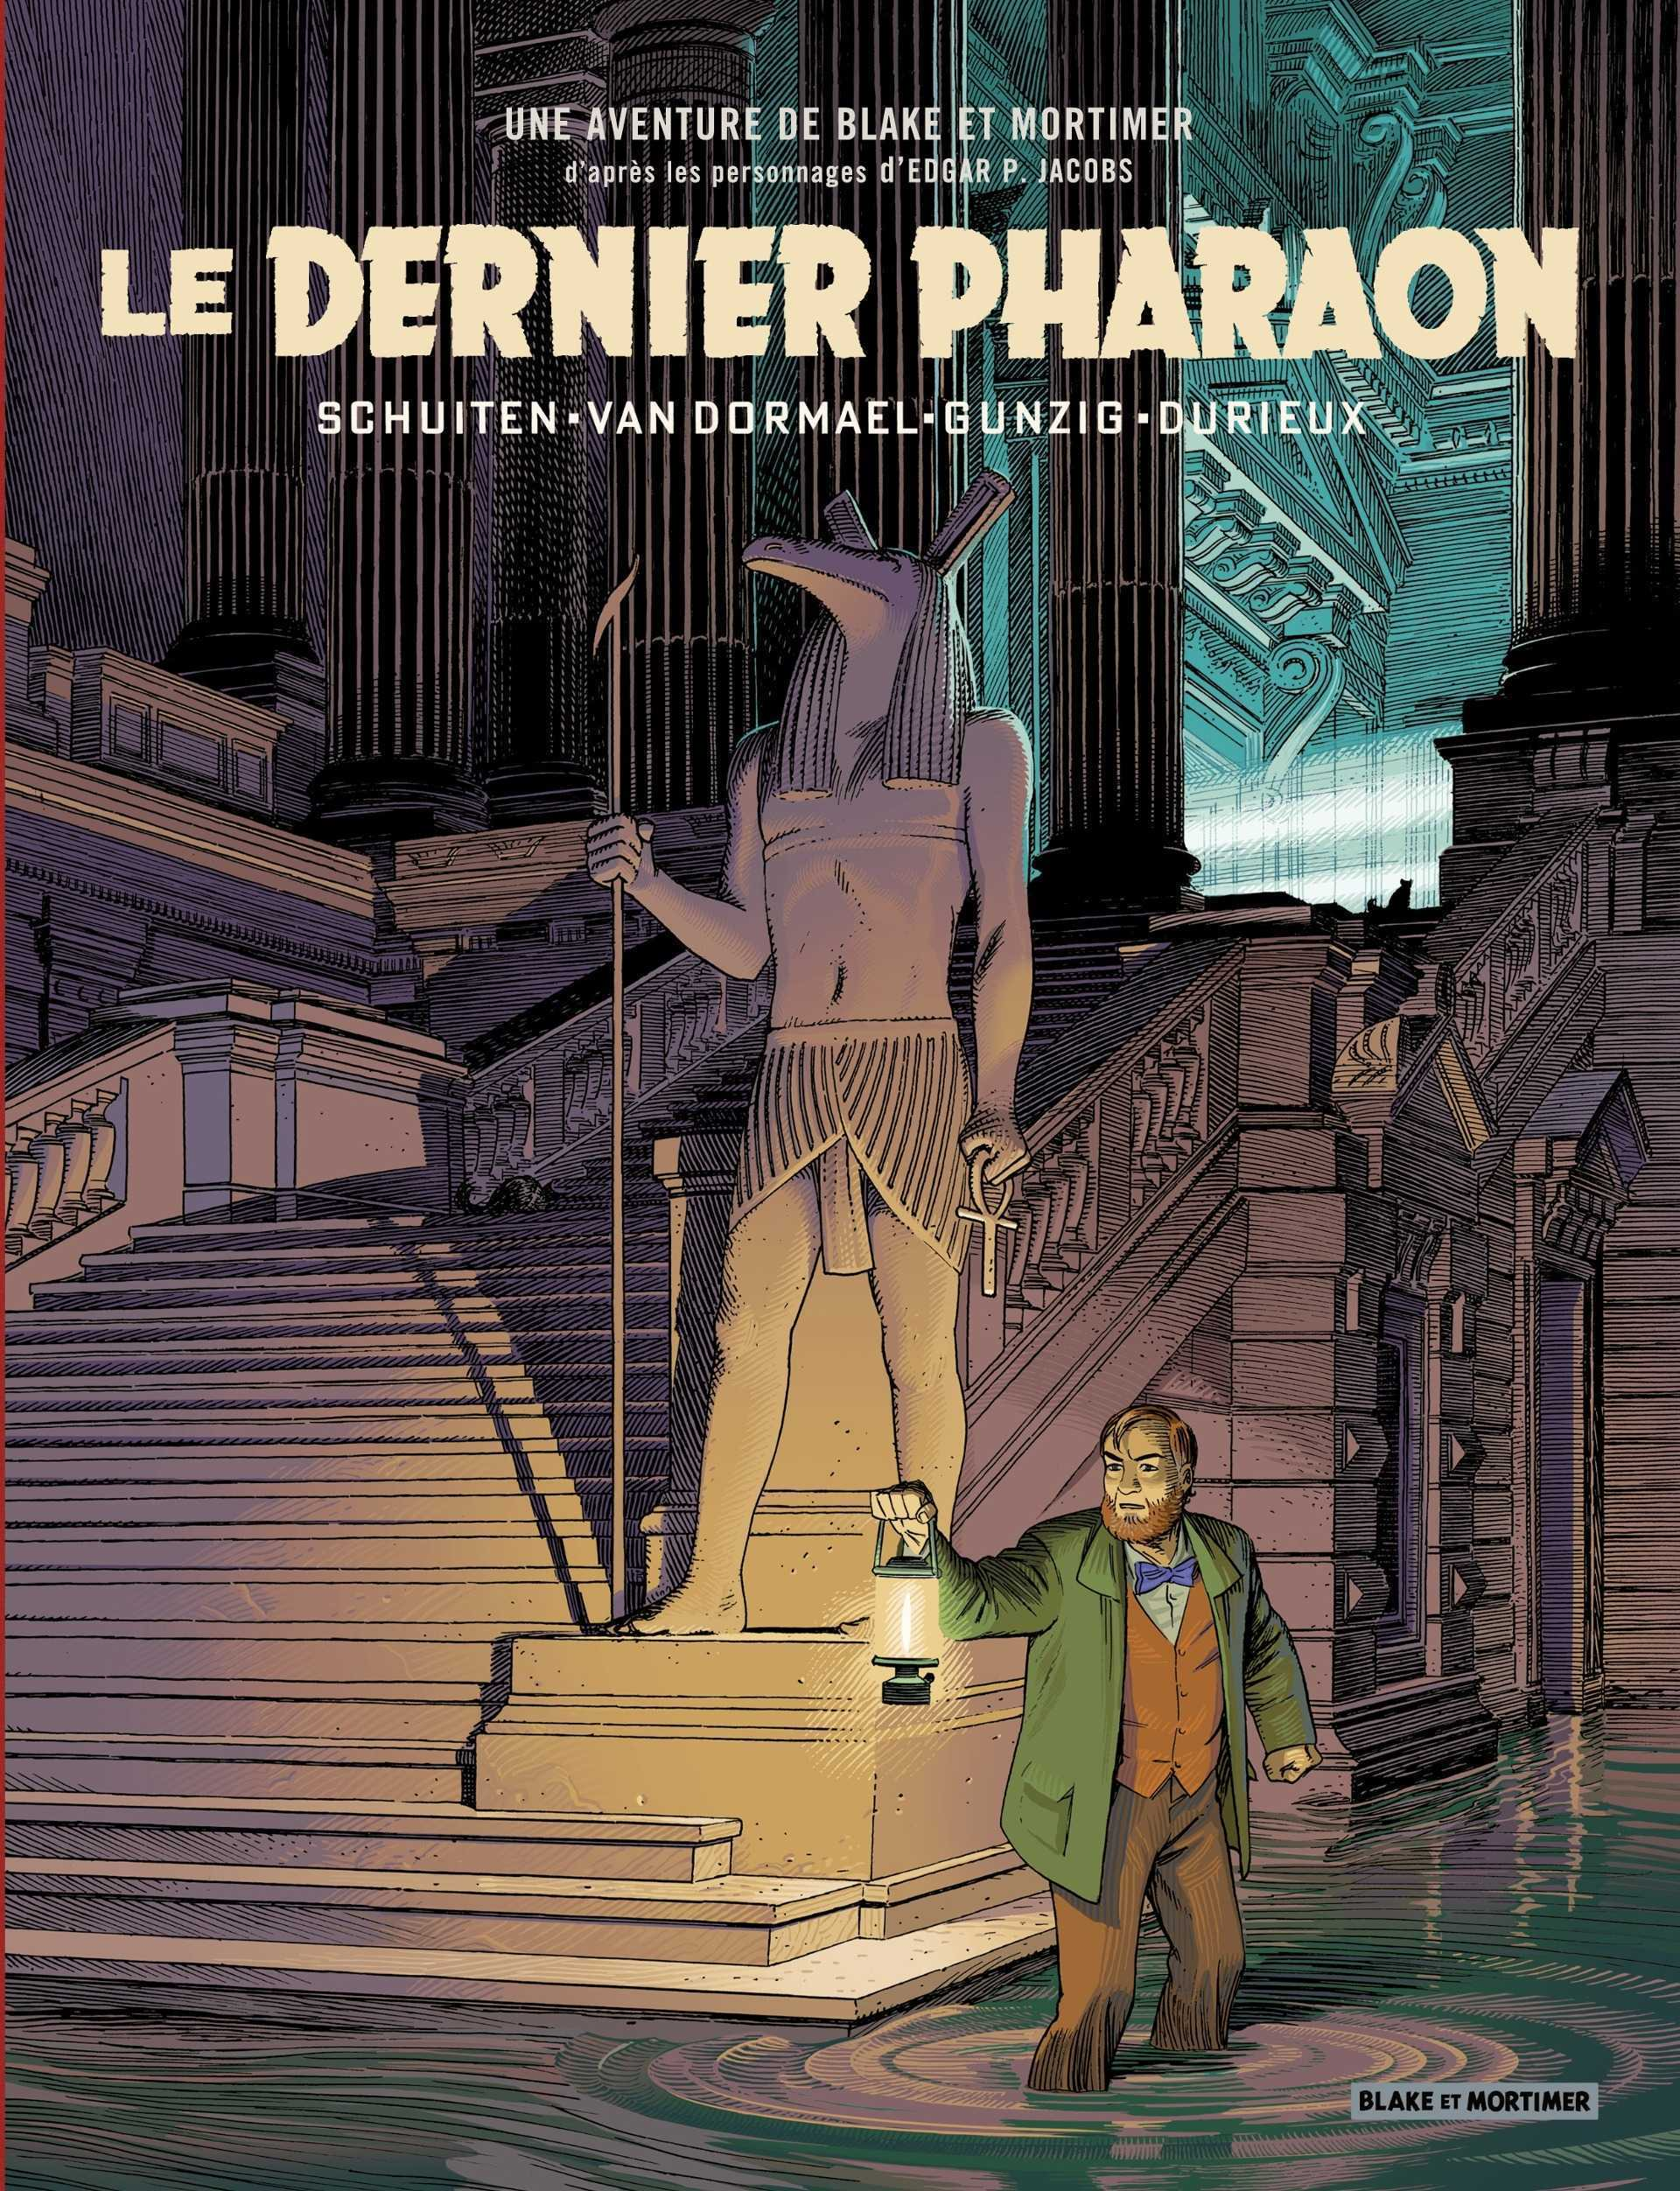 Blake et Mortimer, François Schuiten dévoile son dernier Pharaon